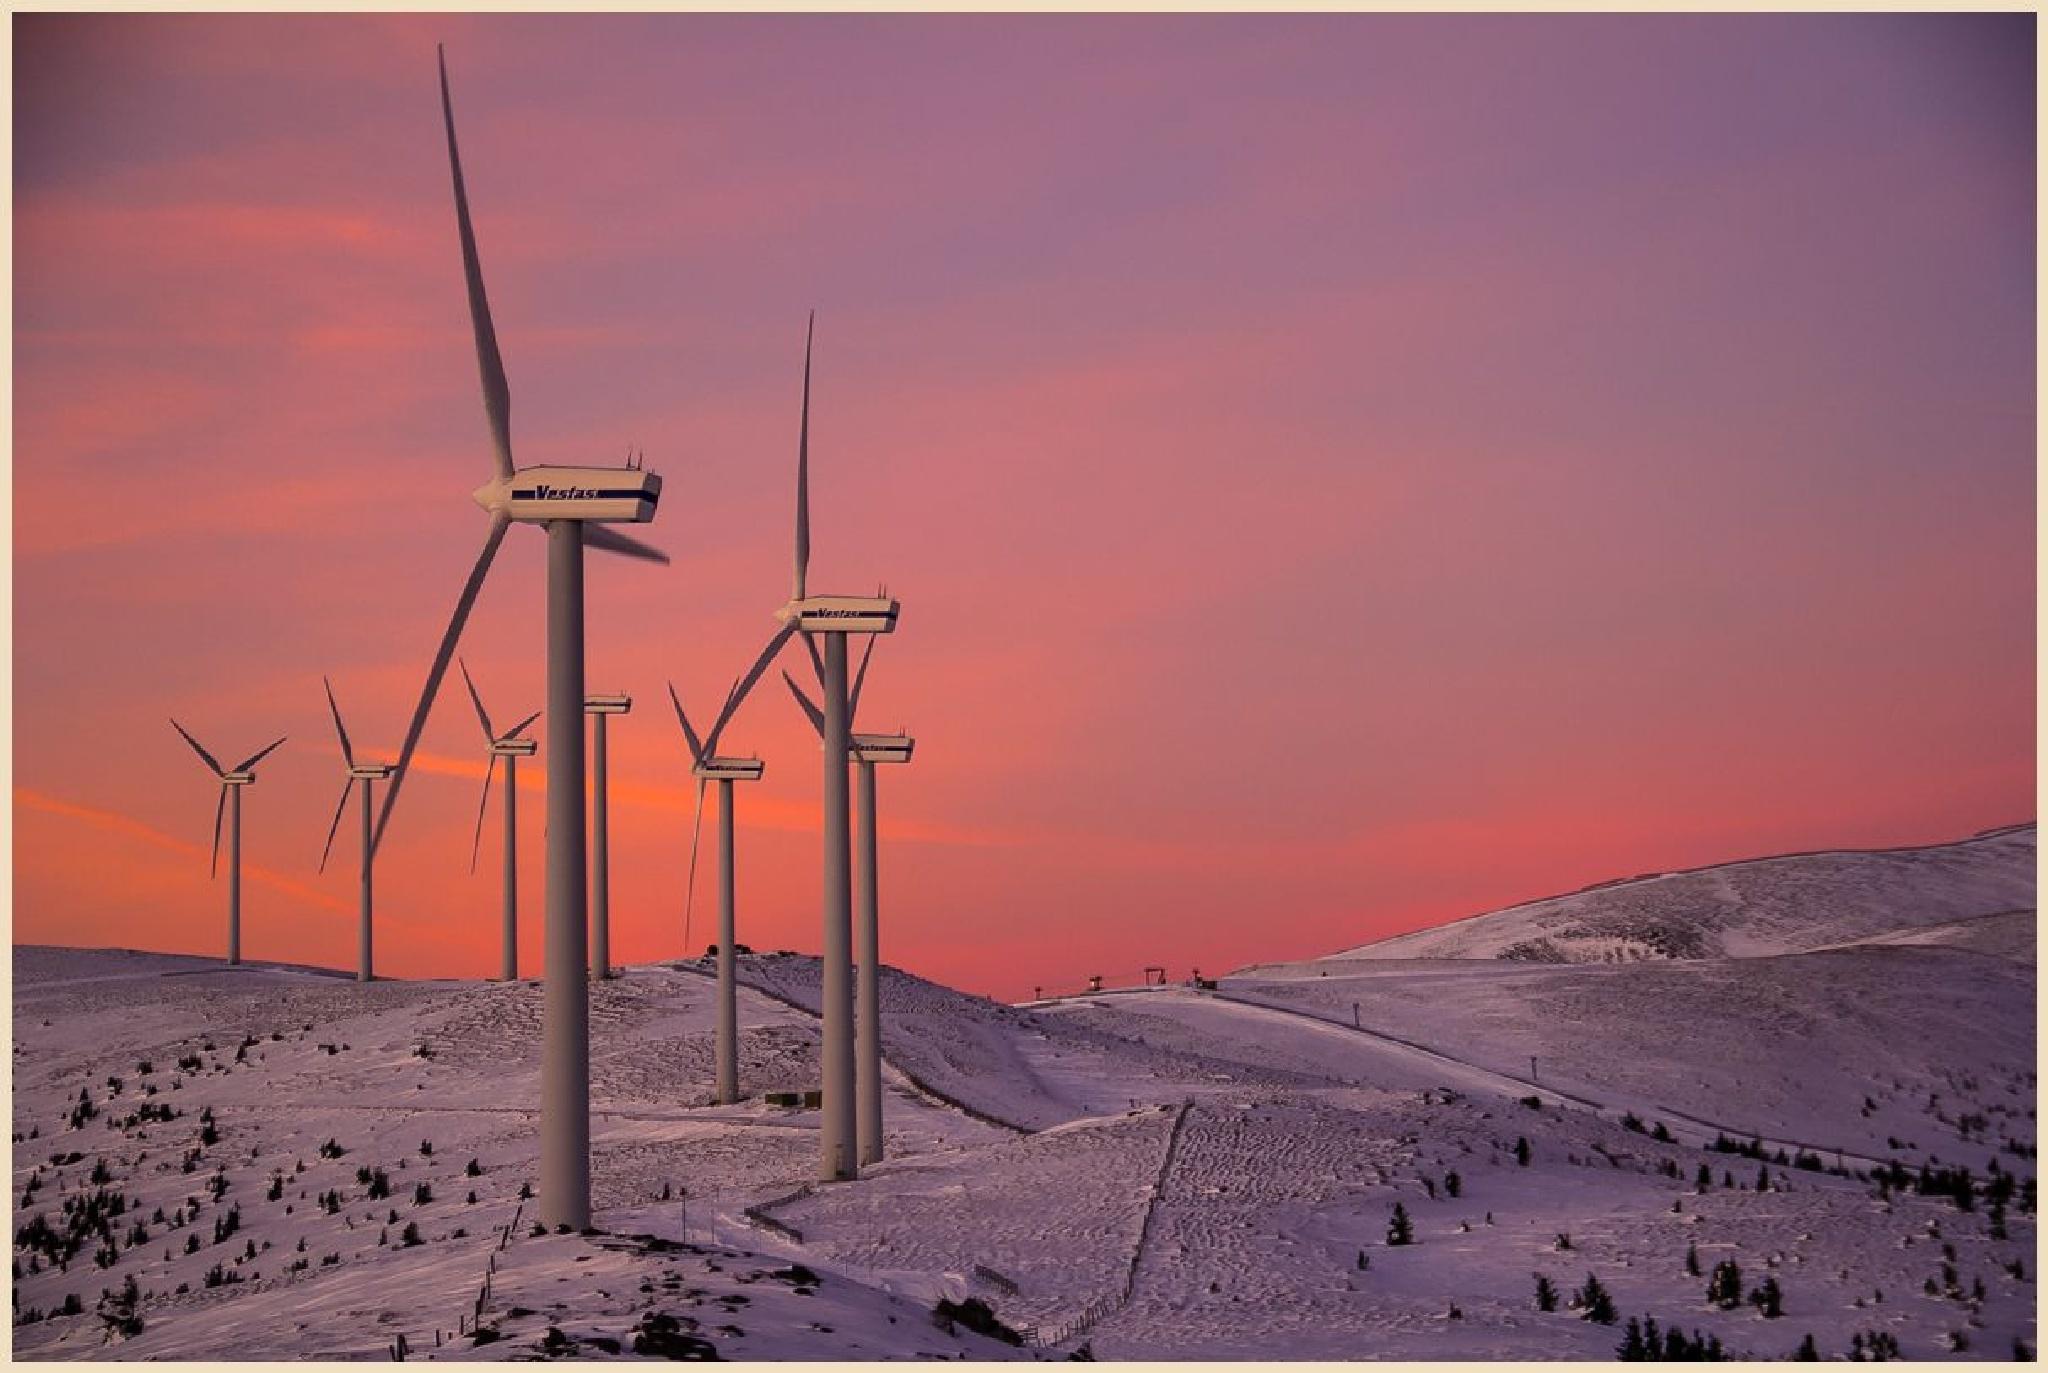 Windkraft by Traude Beren